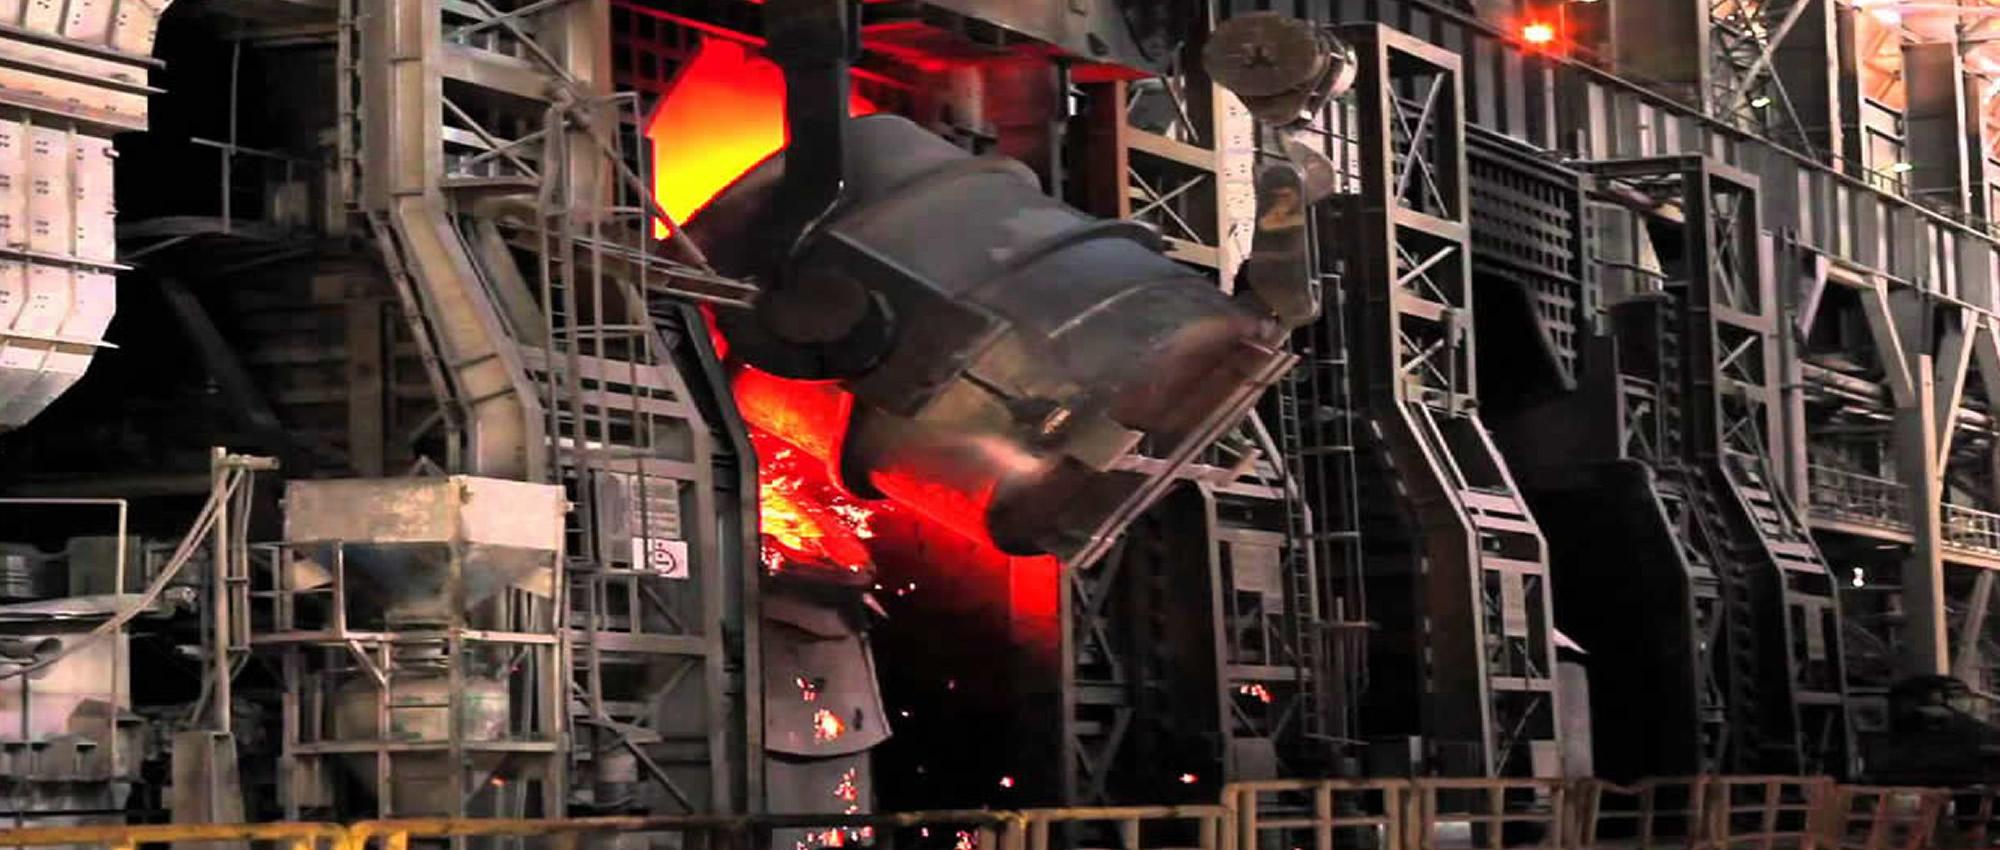 Demir-Çelik sektörünün en önemli tedarikçilerinden